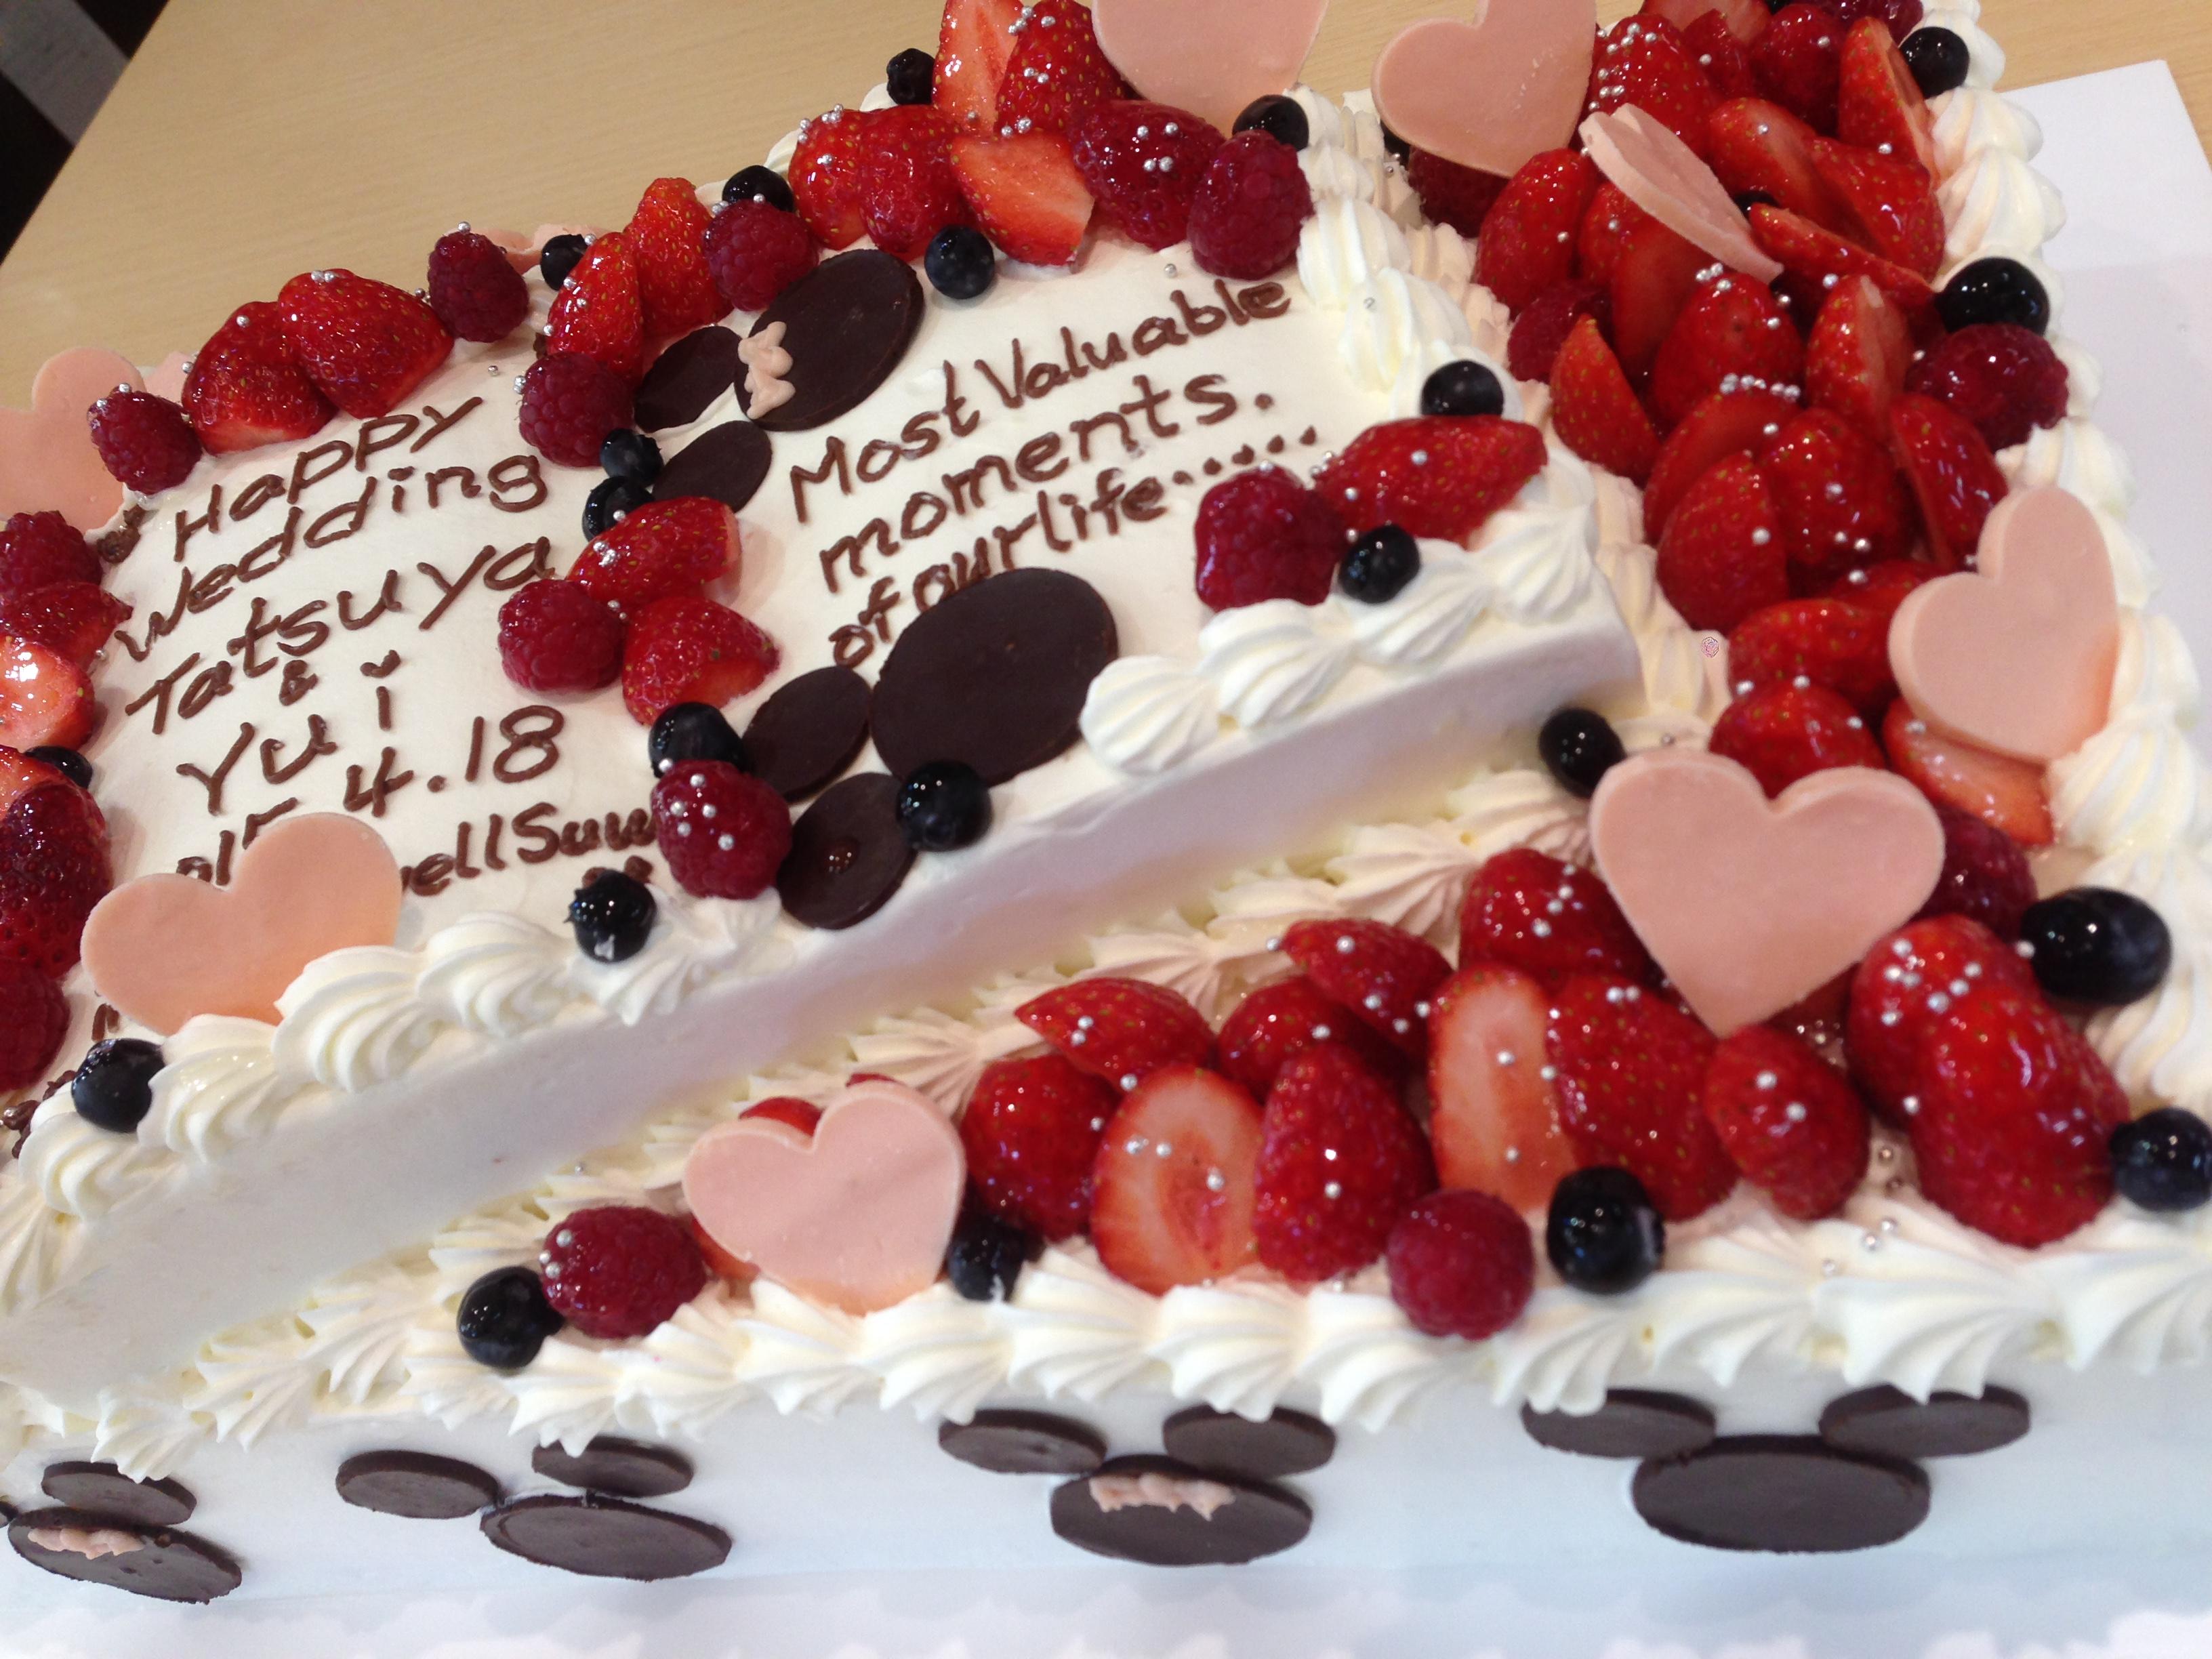 ウェディングケーキ:ご要望に応じてお作りいたします。